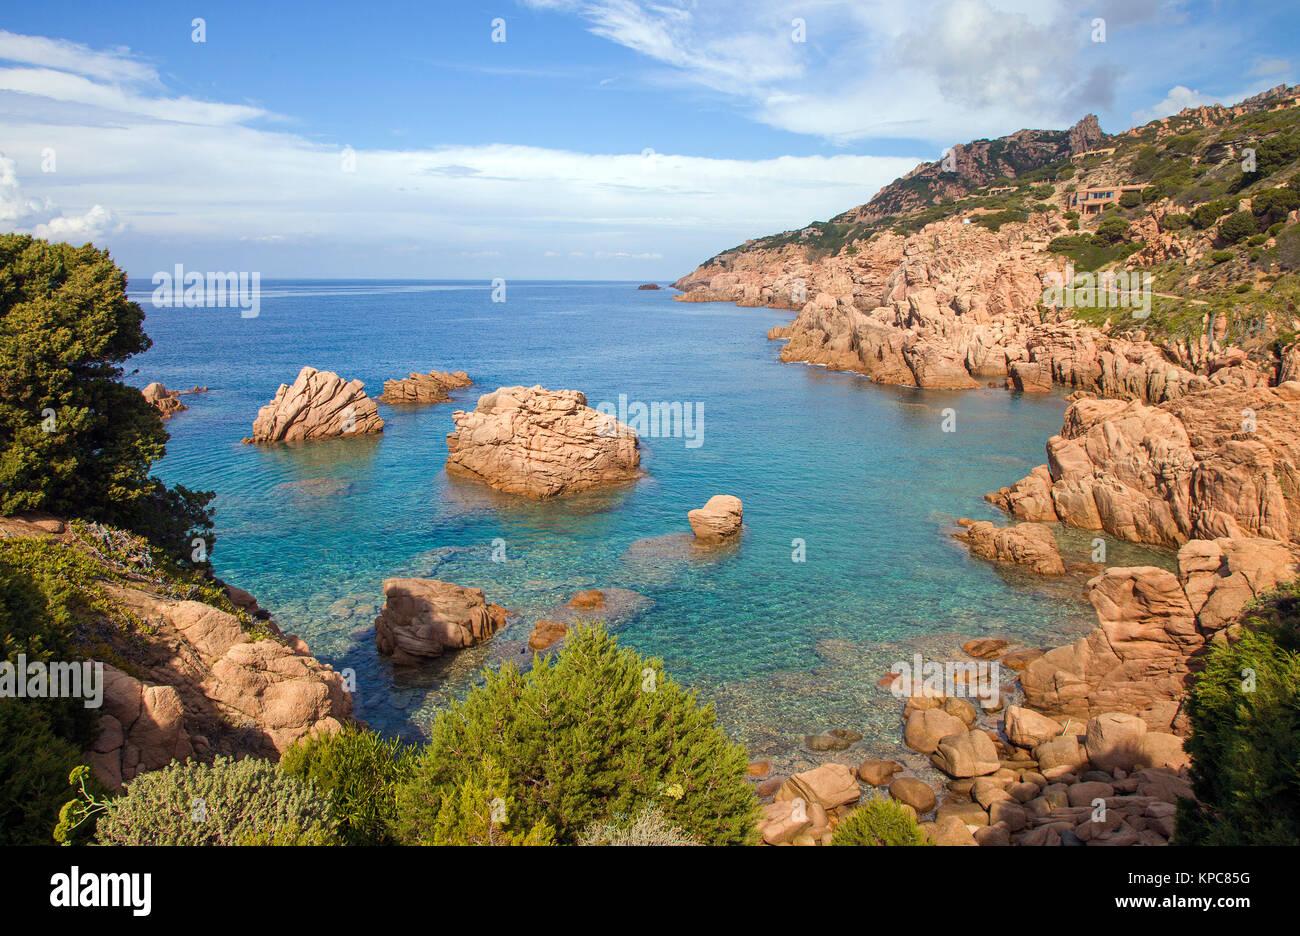 Rocas de pórfido, paisaje costero en Costa Paradiso, Cerdeña, Italia, el mar Mediterráneo, Europa Foto de stock